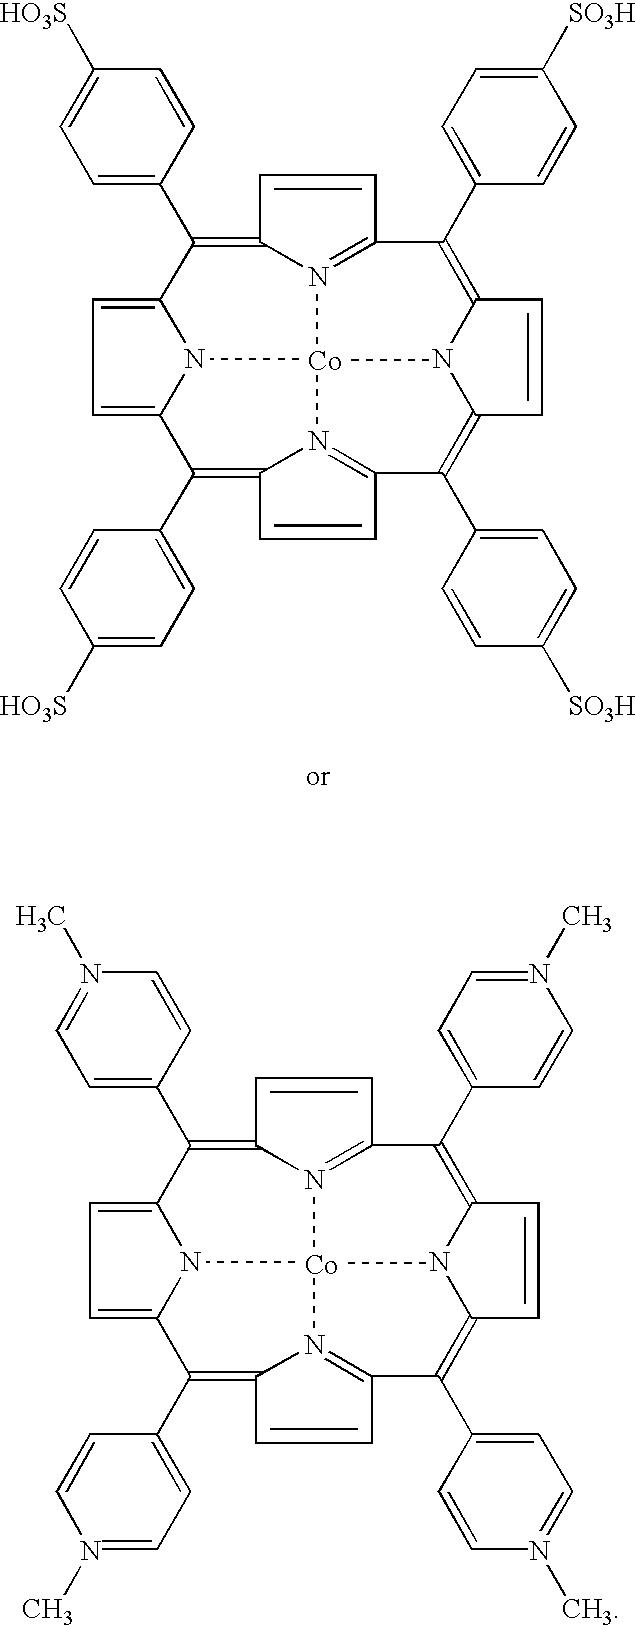 Figure US06503559-20030107-C00007